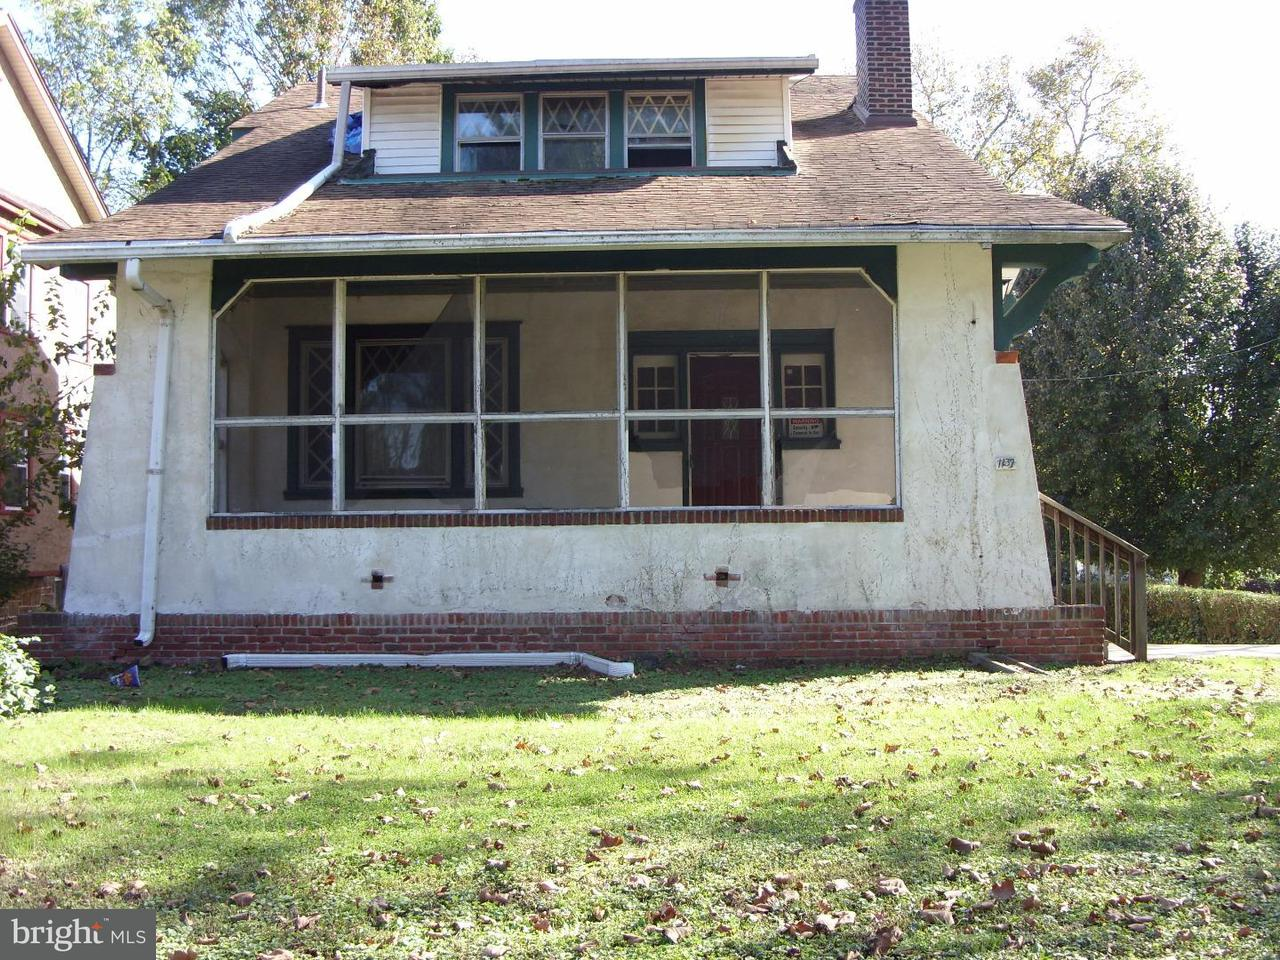 Частный односемейный дом для того Продажа на 1137 COATES Street Sharon Hill, Пенсильвания 19079 Соединенные Штаты